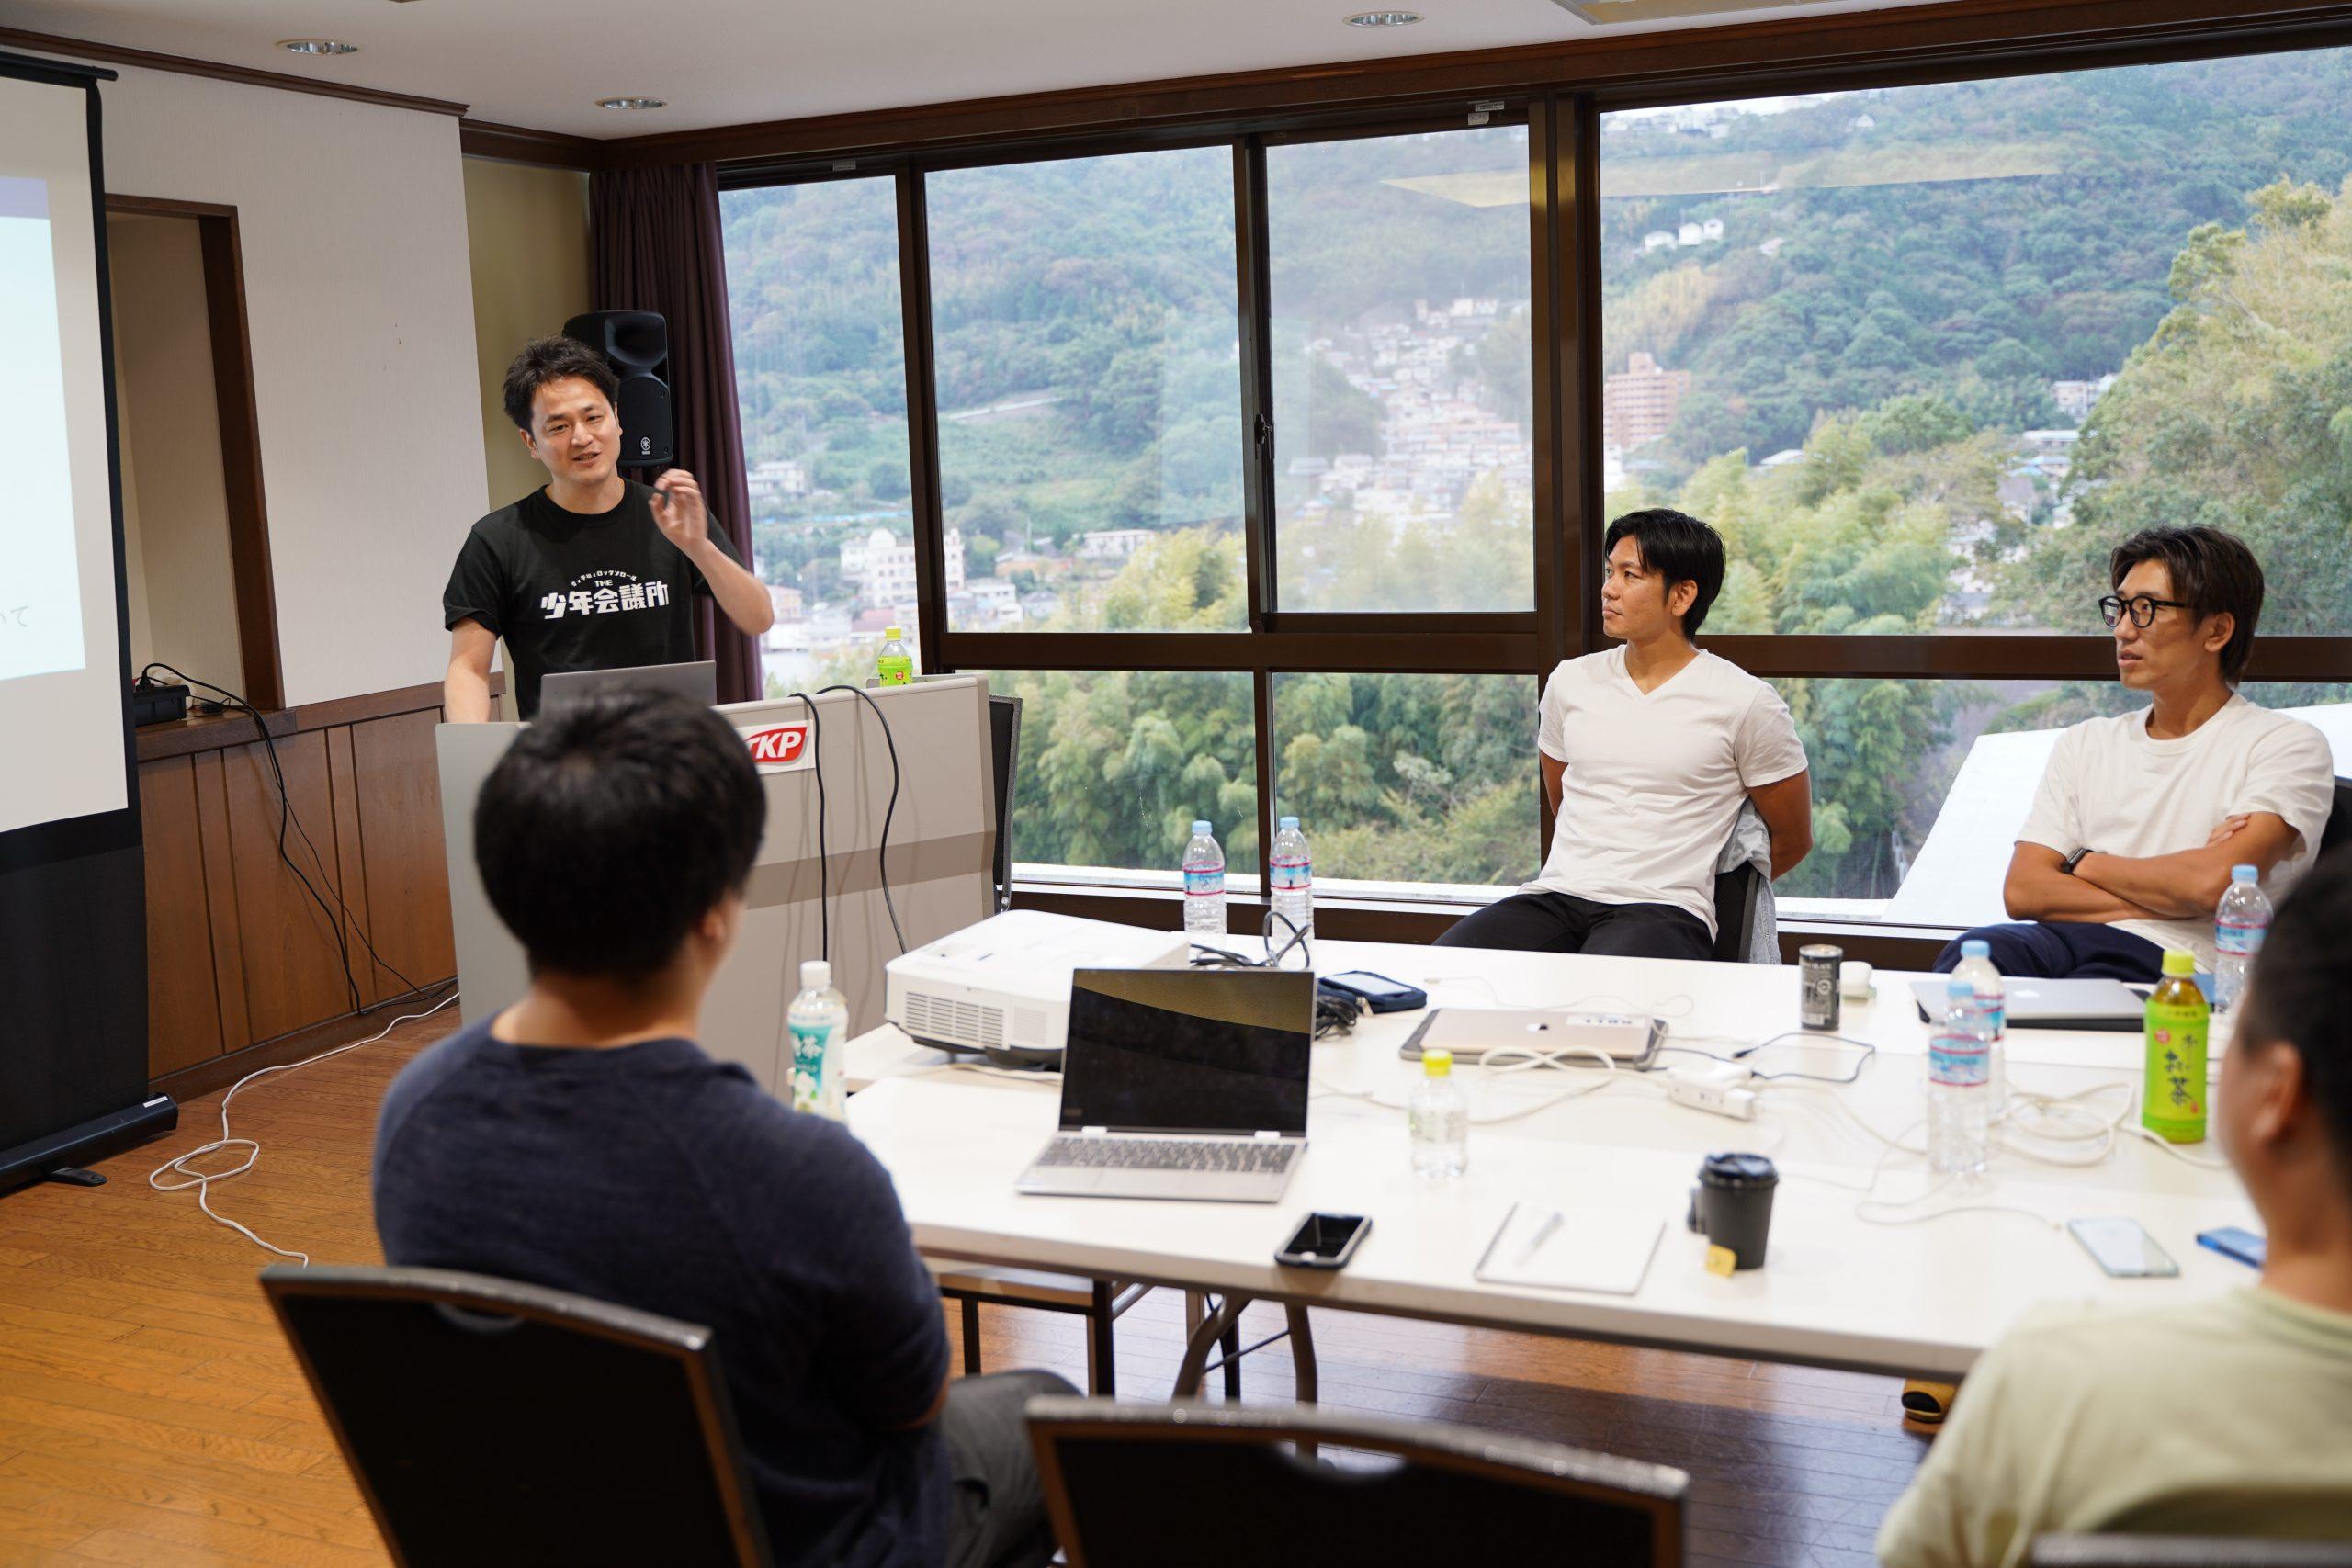 田中社長:この人生で後世にまで残る幸せの連鎖を